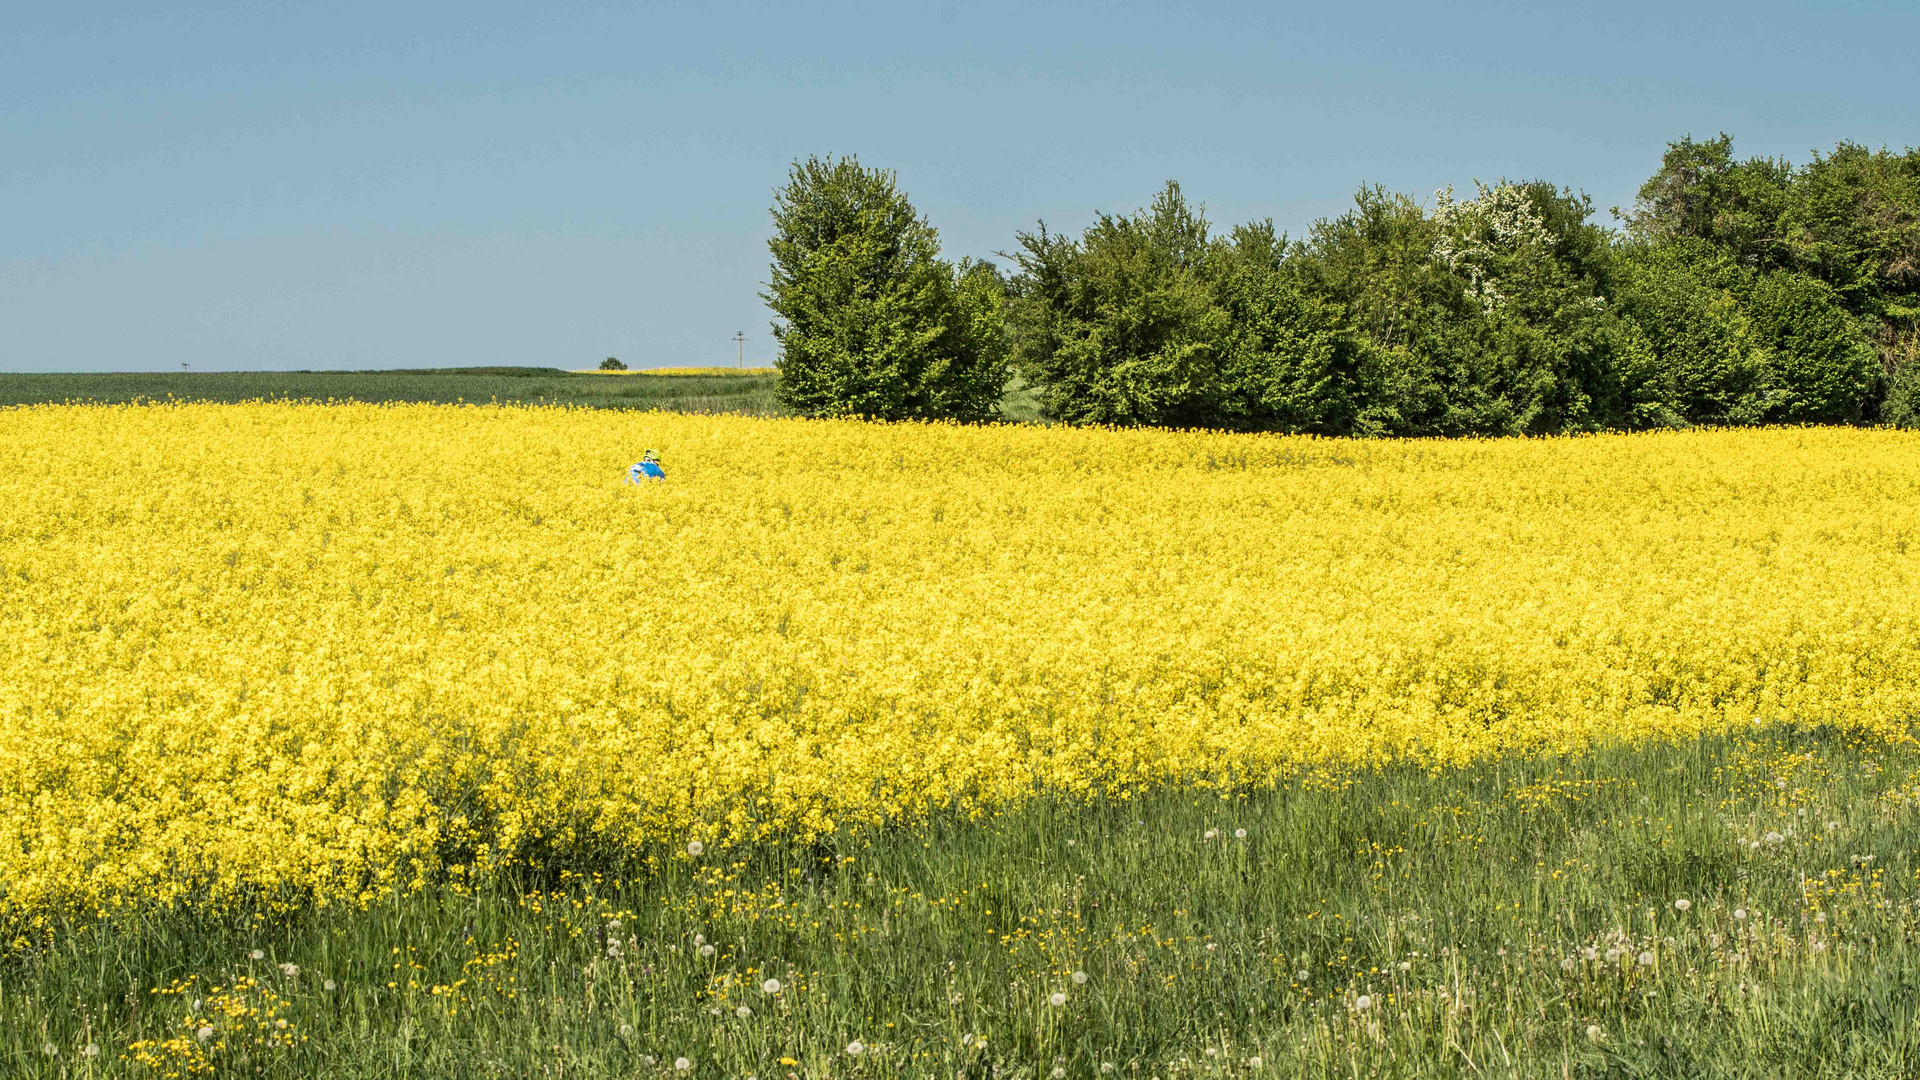 der Blaue im Gelben